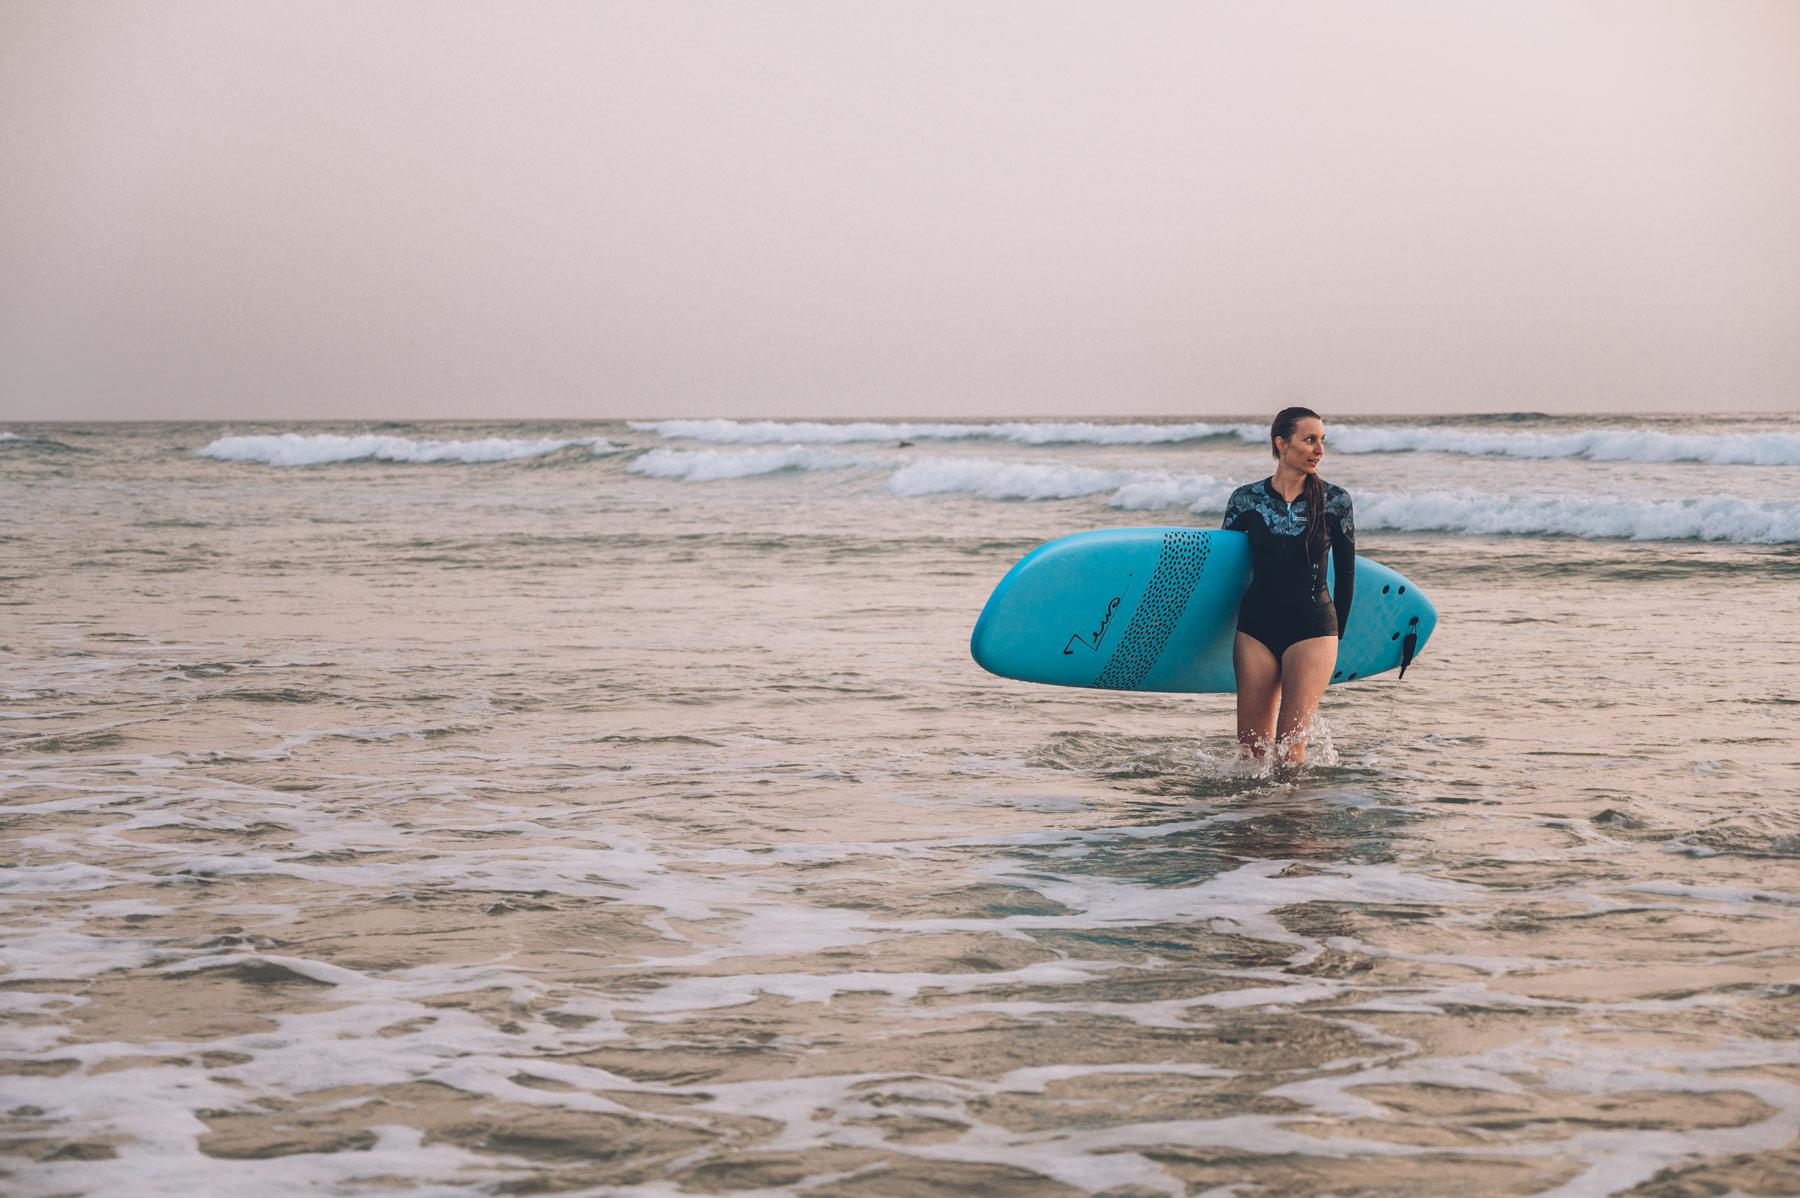 Cours de surf à Biscarrosse Plage